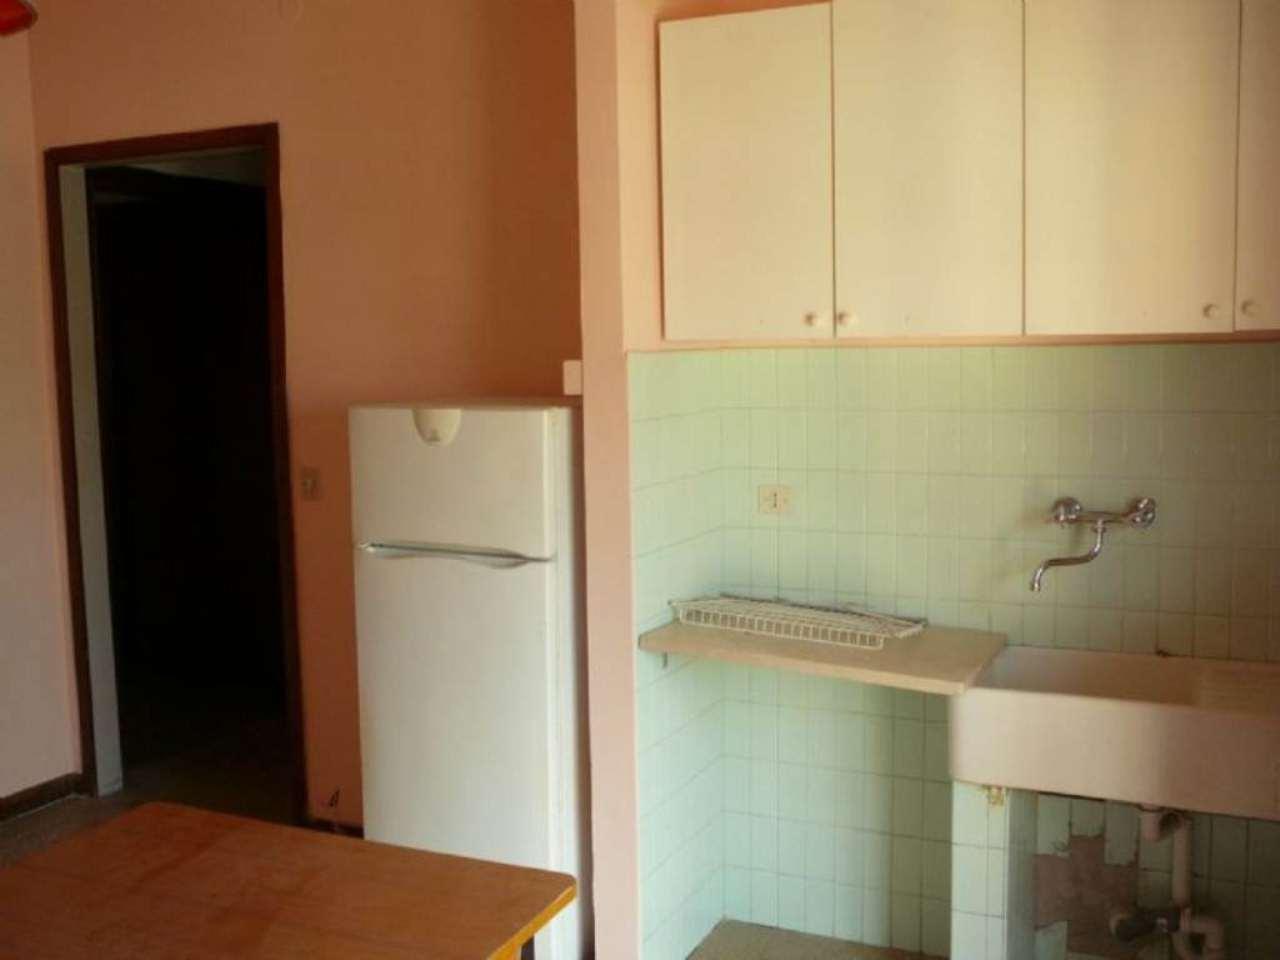 Bilocale Casale Monferrato Via Pagliano 1